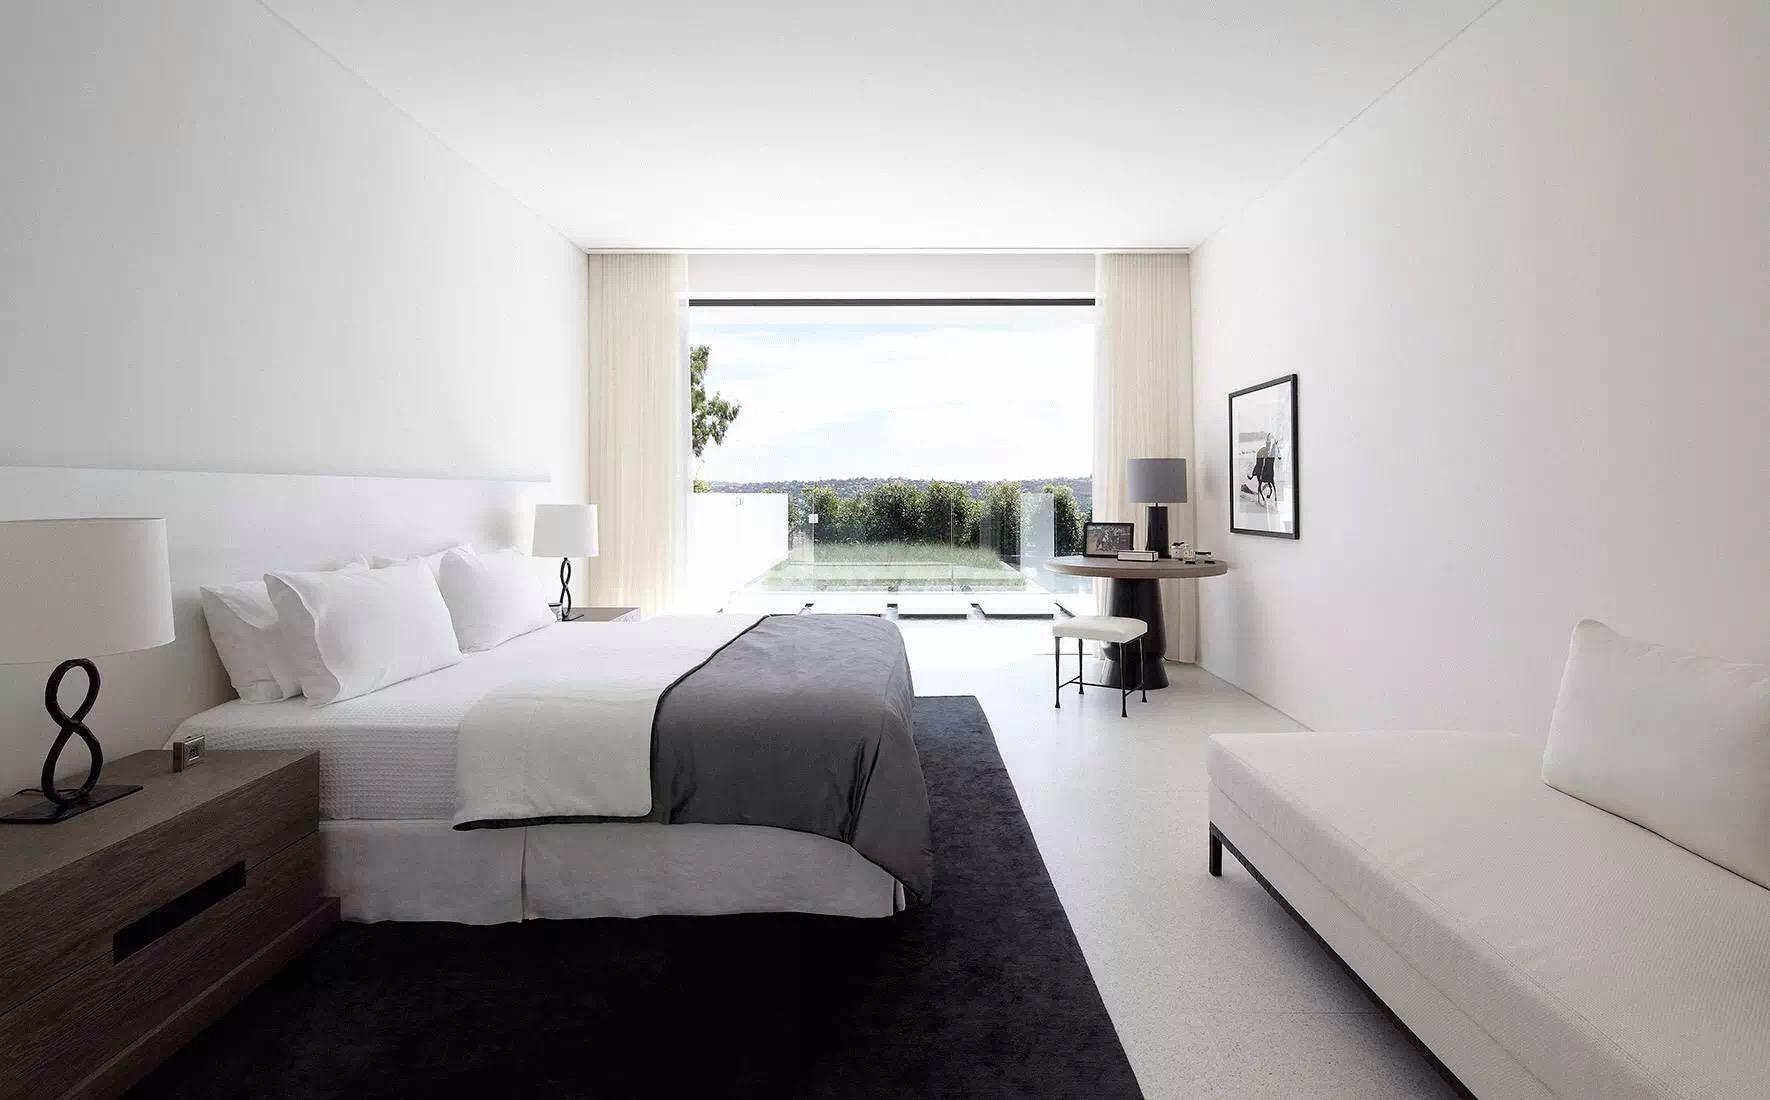 极简卧室黑白摄影白极简装修风格卧室图片4